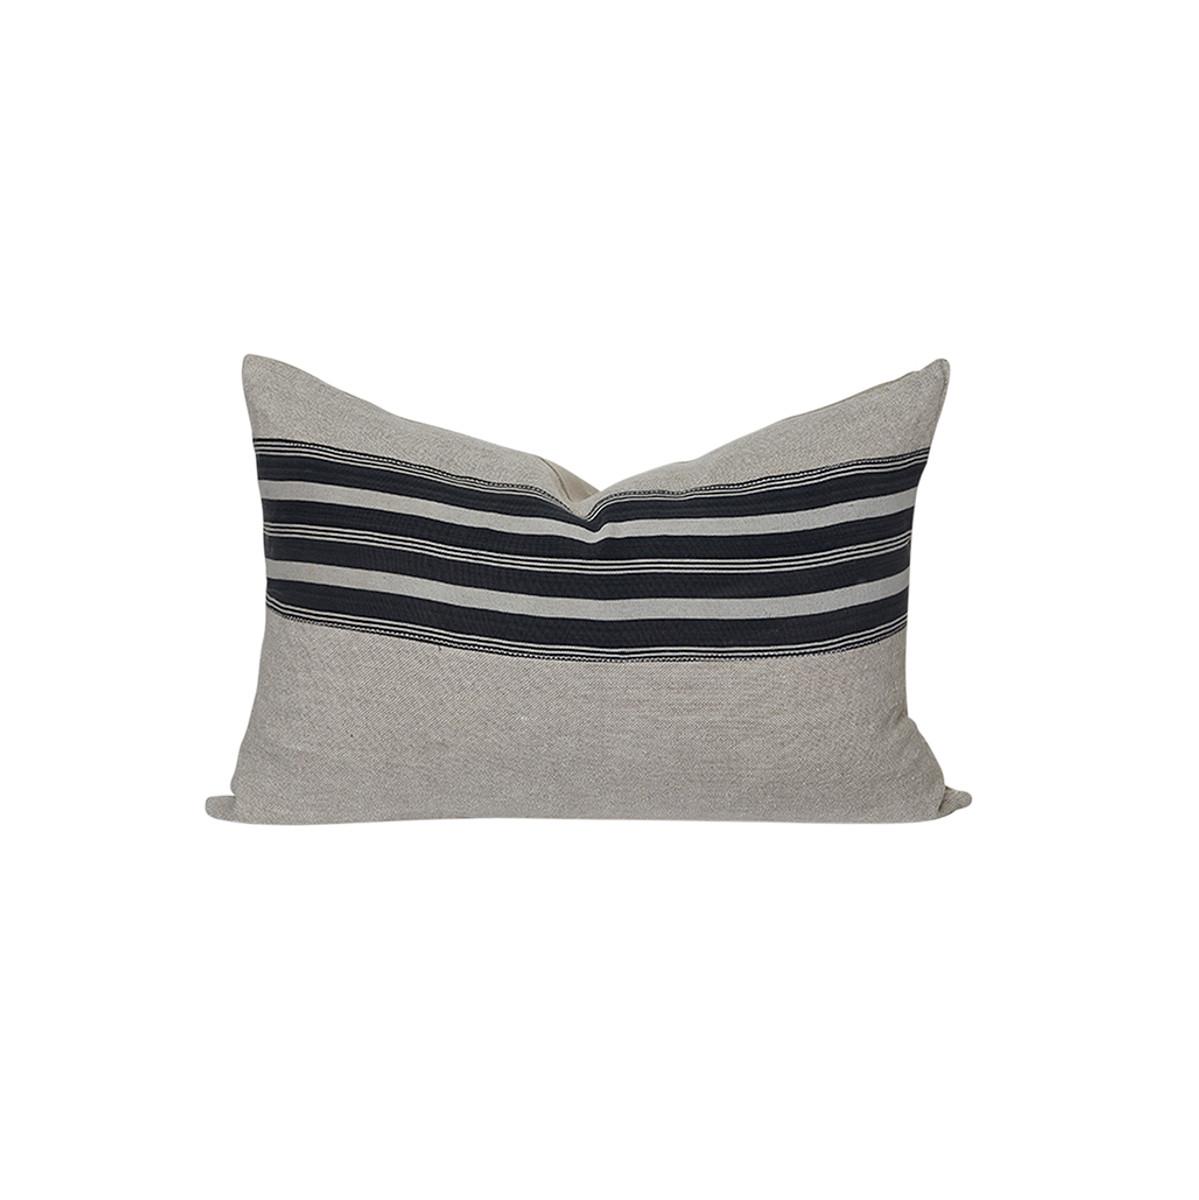 Indigo Pillow 1826 - 3814 Front